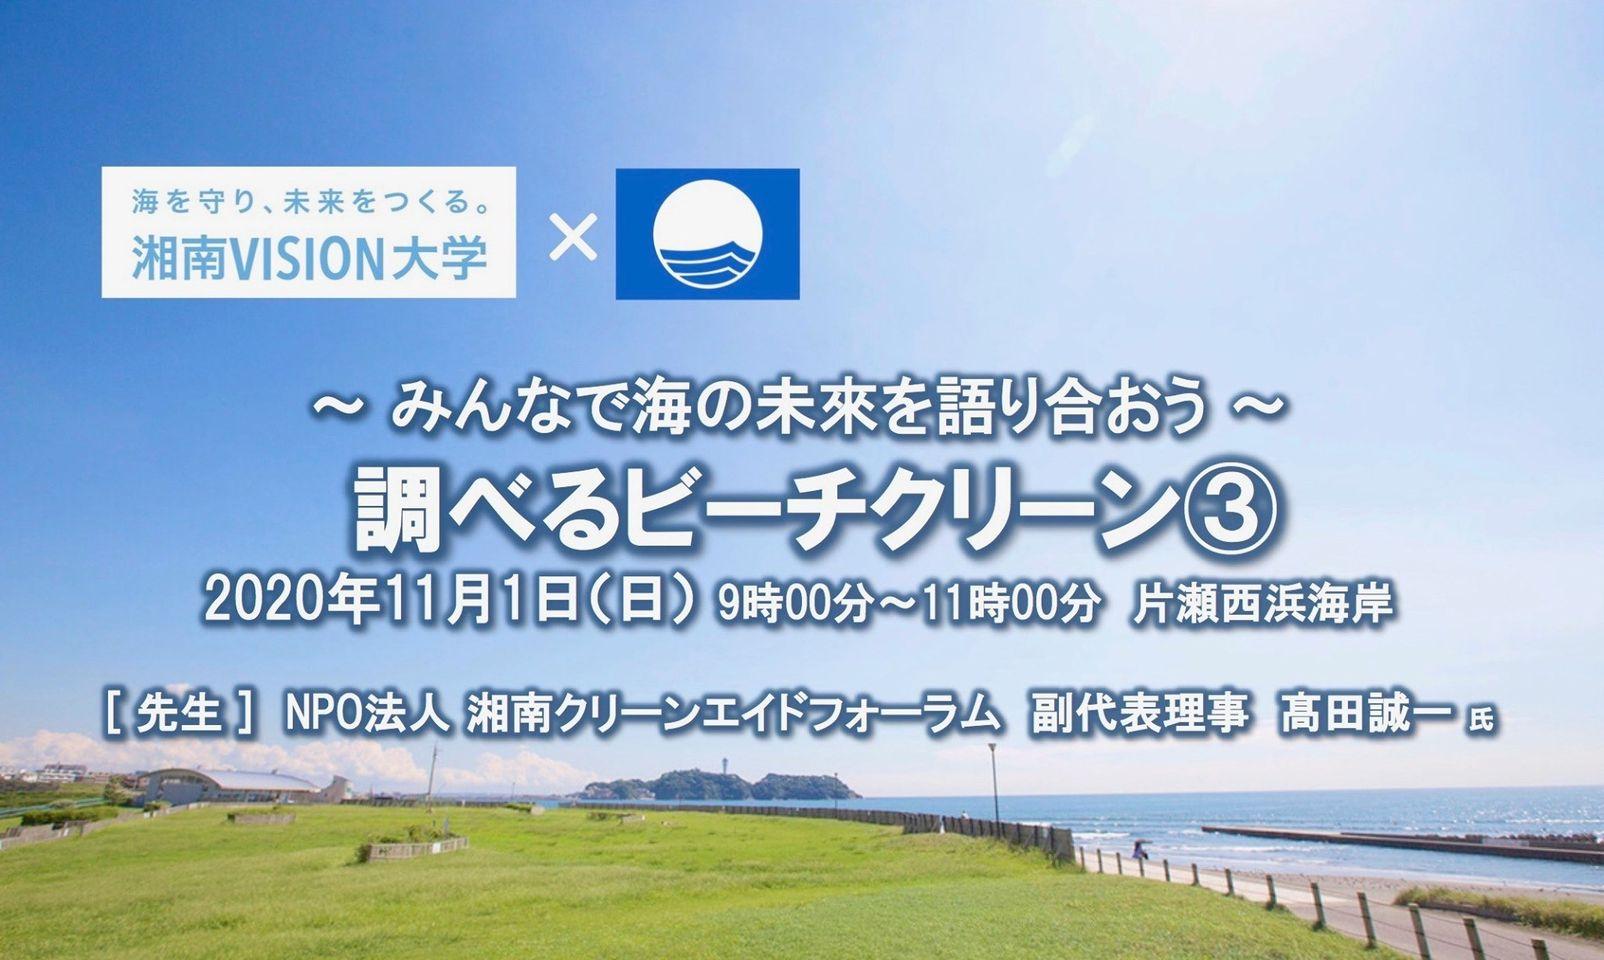 【終了】調べるビーチクリーン@片瀬西浜~みんなで海の未来を語り合おう~with 湘南ビジョン大学